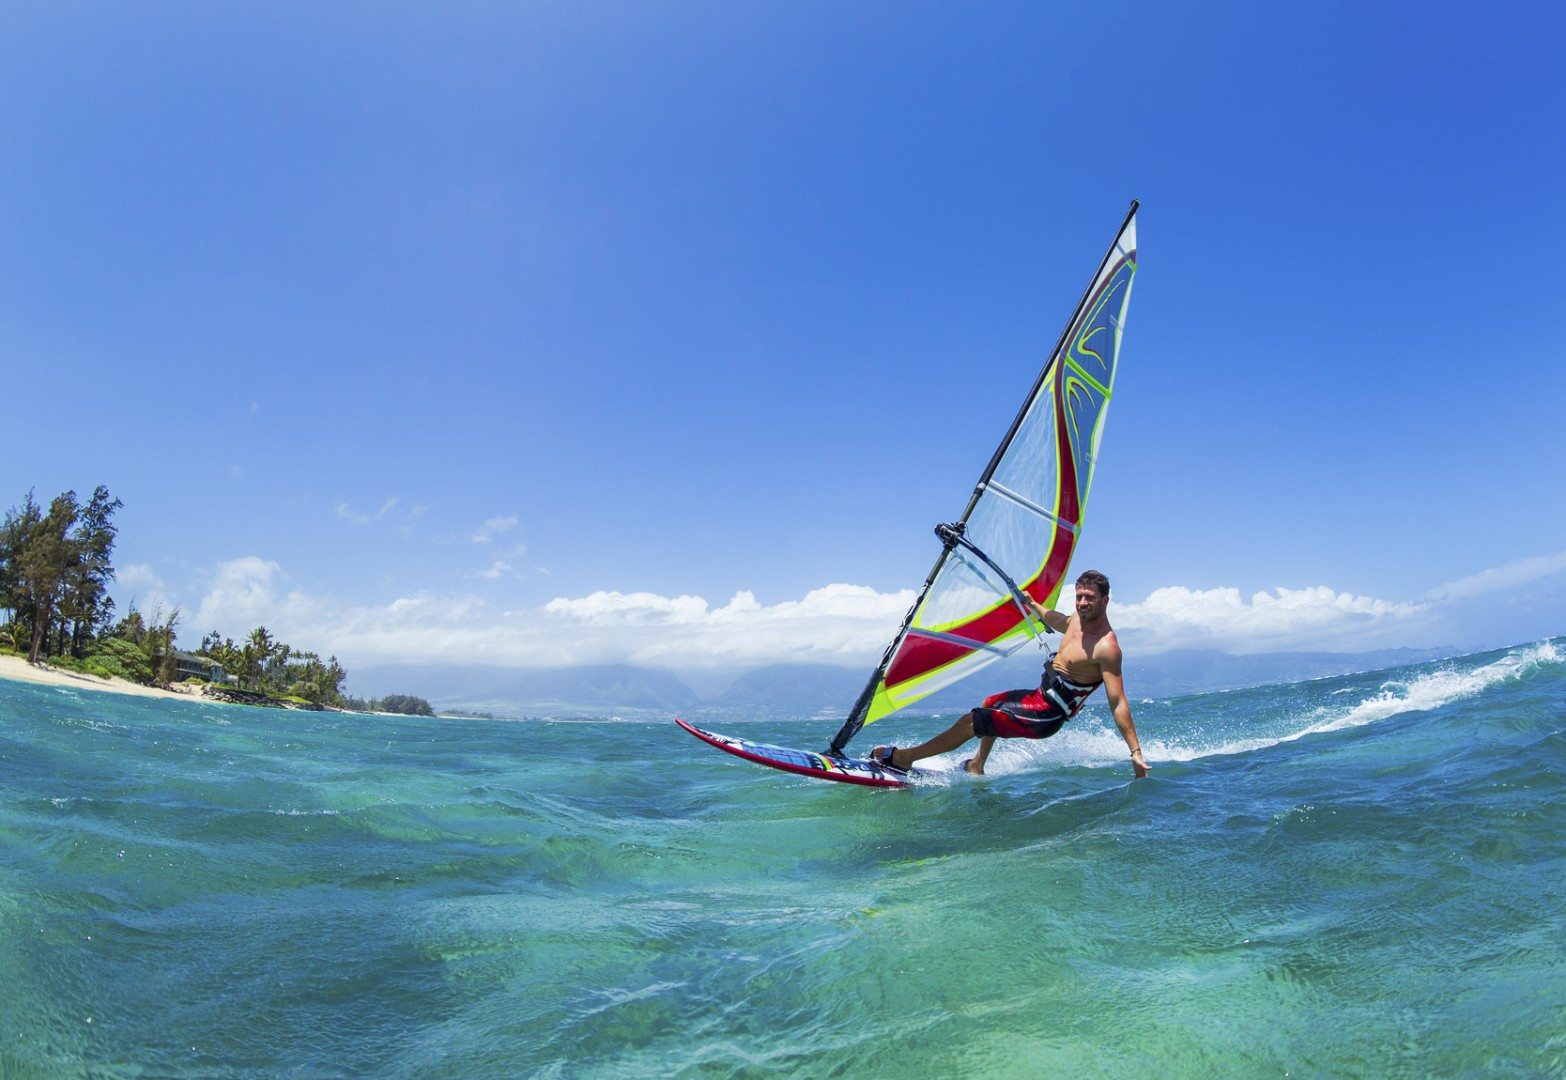 Windsurfing-000040521912_Medium